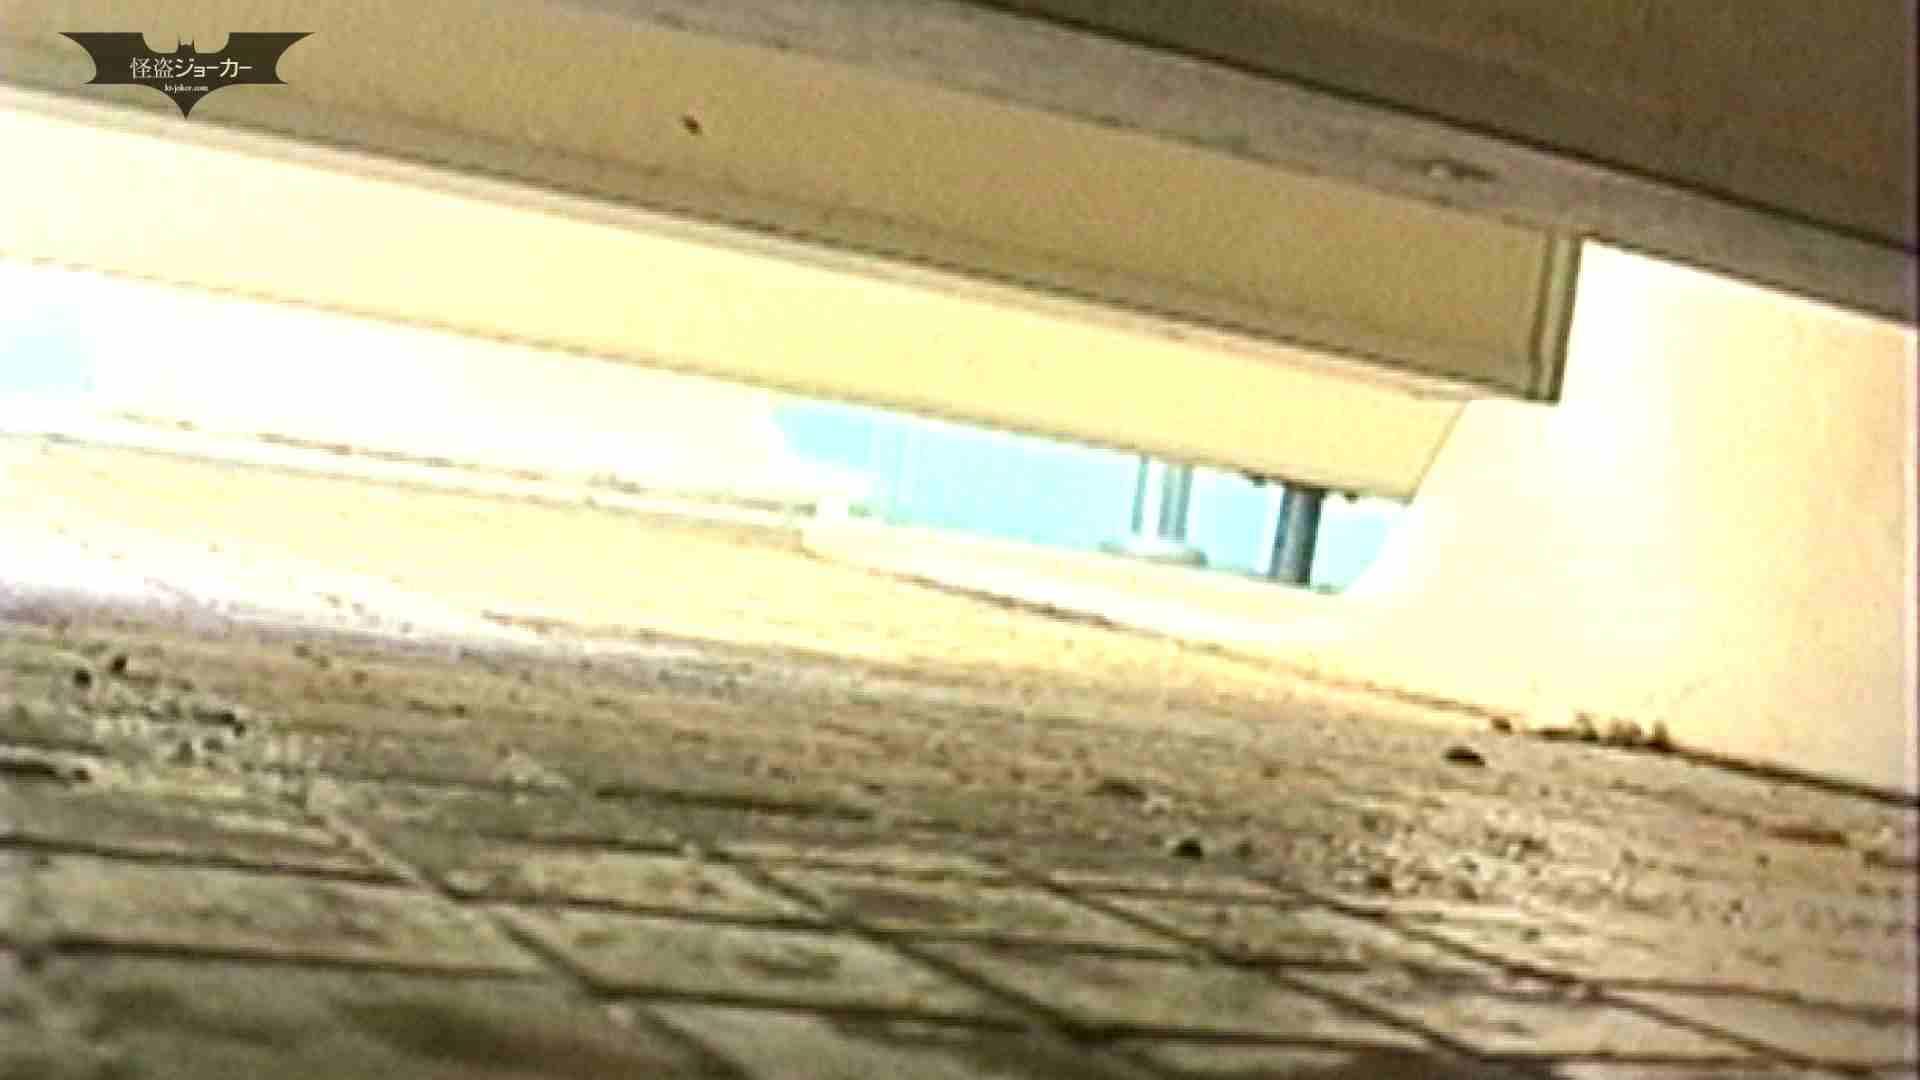 女の子の休み時間のひととき Vol.07 美肌 オマンコ無修正動画無料 92枚 83